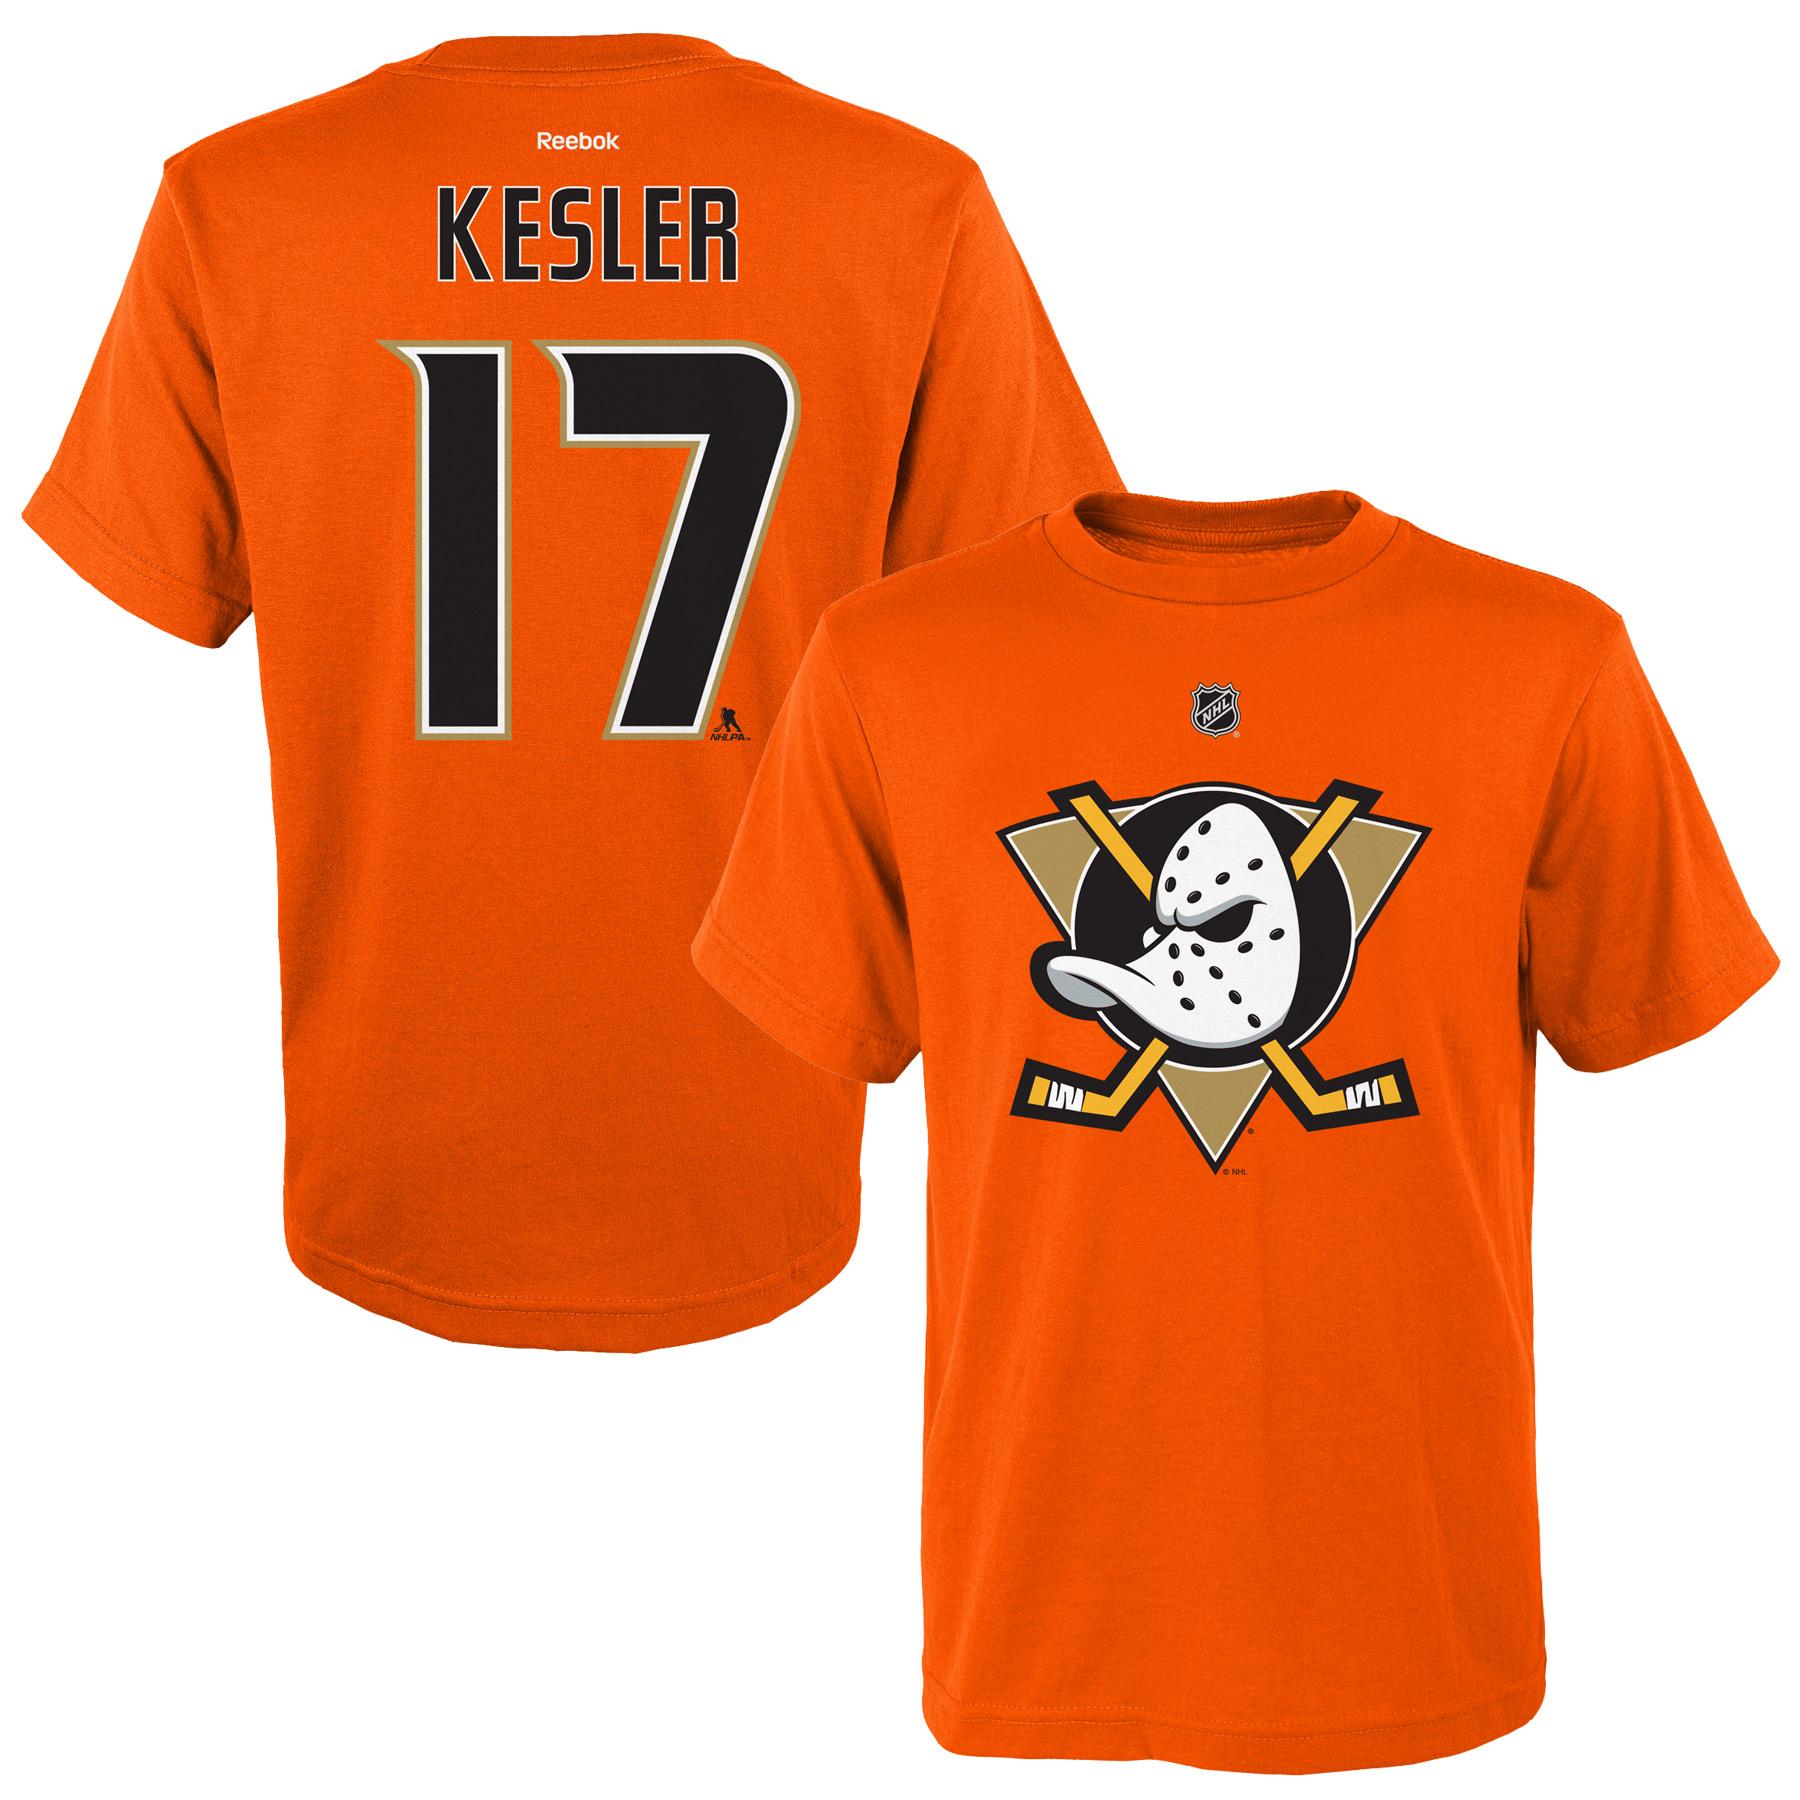 Reebok Dětské tričko Ryan Kesler Anaheim Ducks NHL Name & Number Velikost: Dětské M (9 - 11 let)